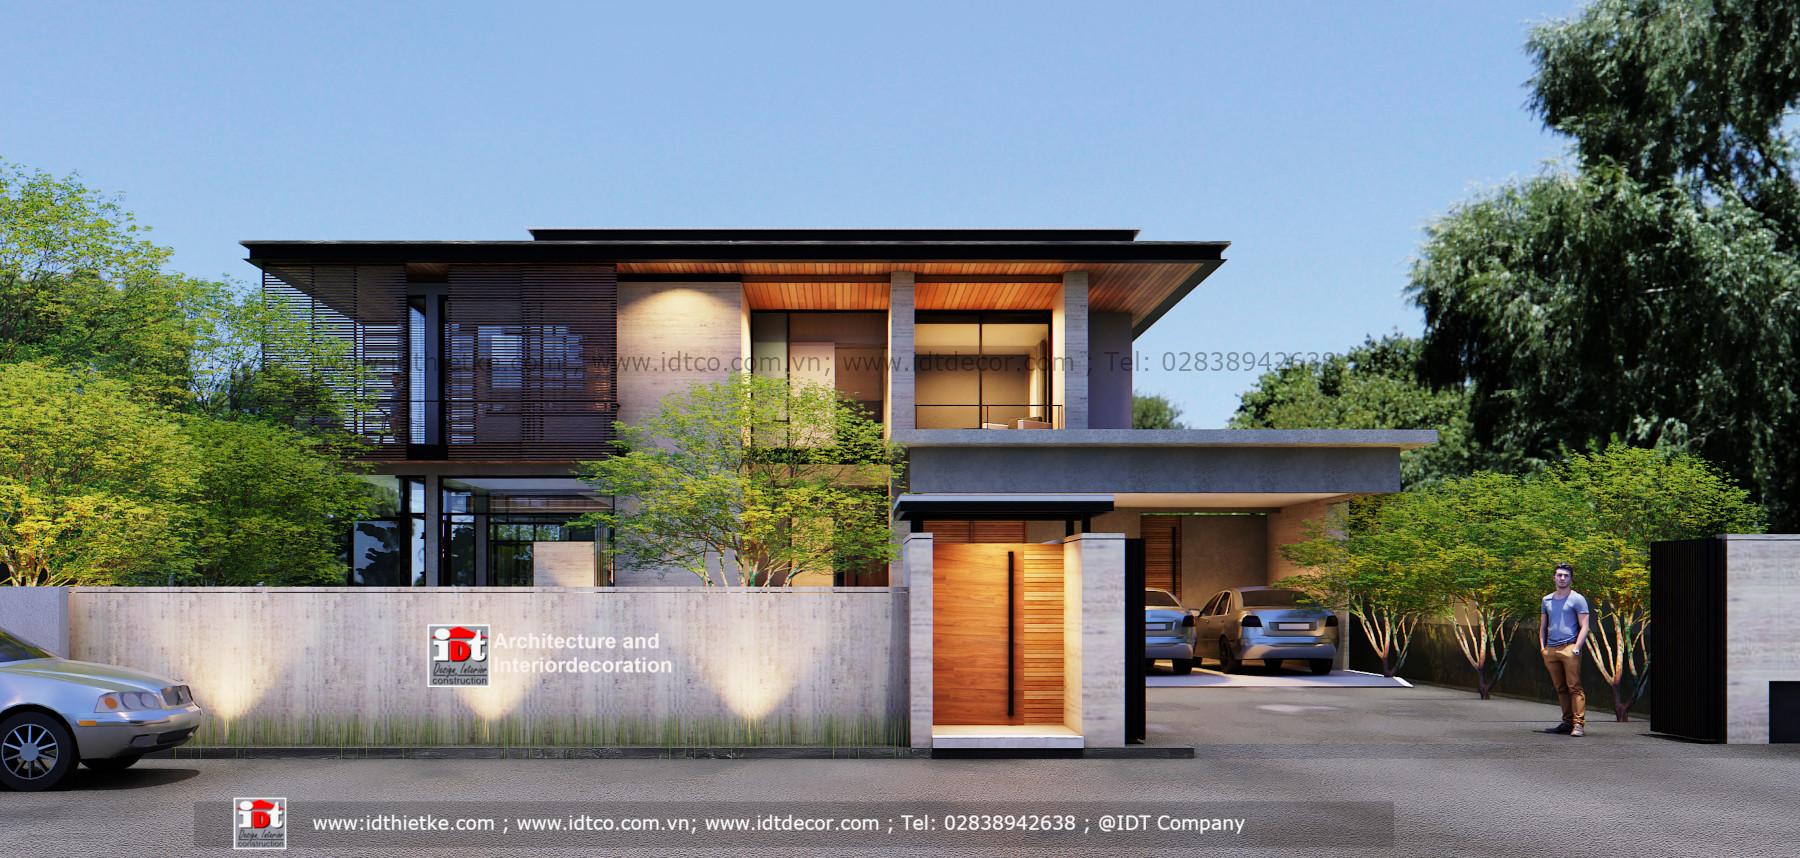 Thiết kế biệt thự hiện đại sang trọng mái bằng có sân vườn